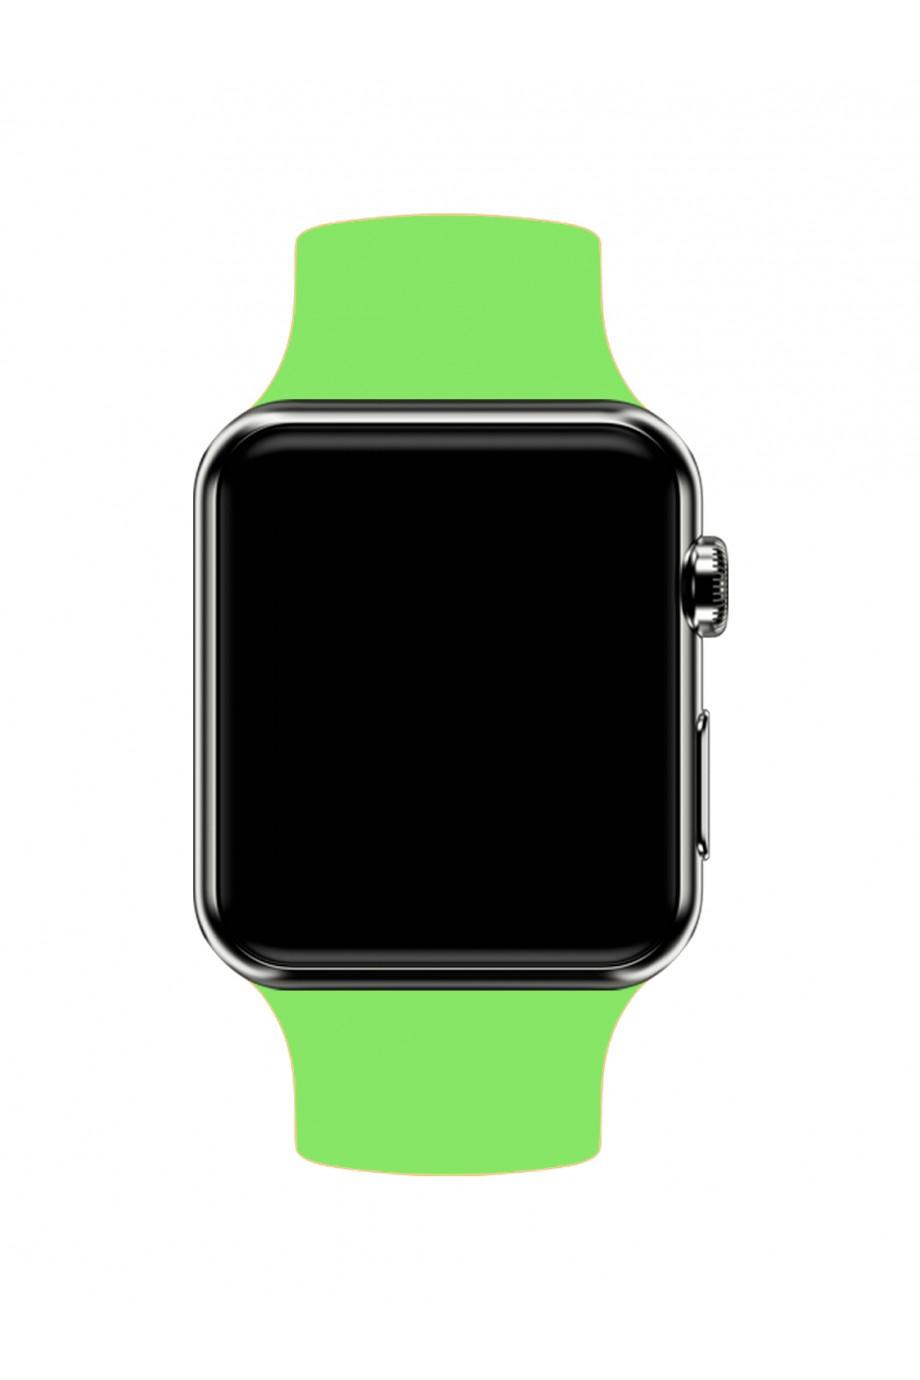 Силиконовый ремешок для Apple Watch 3 42 мм, салатовый